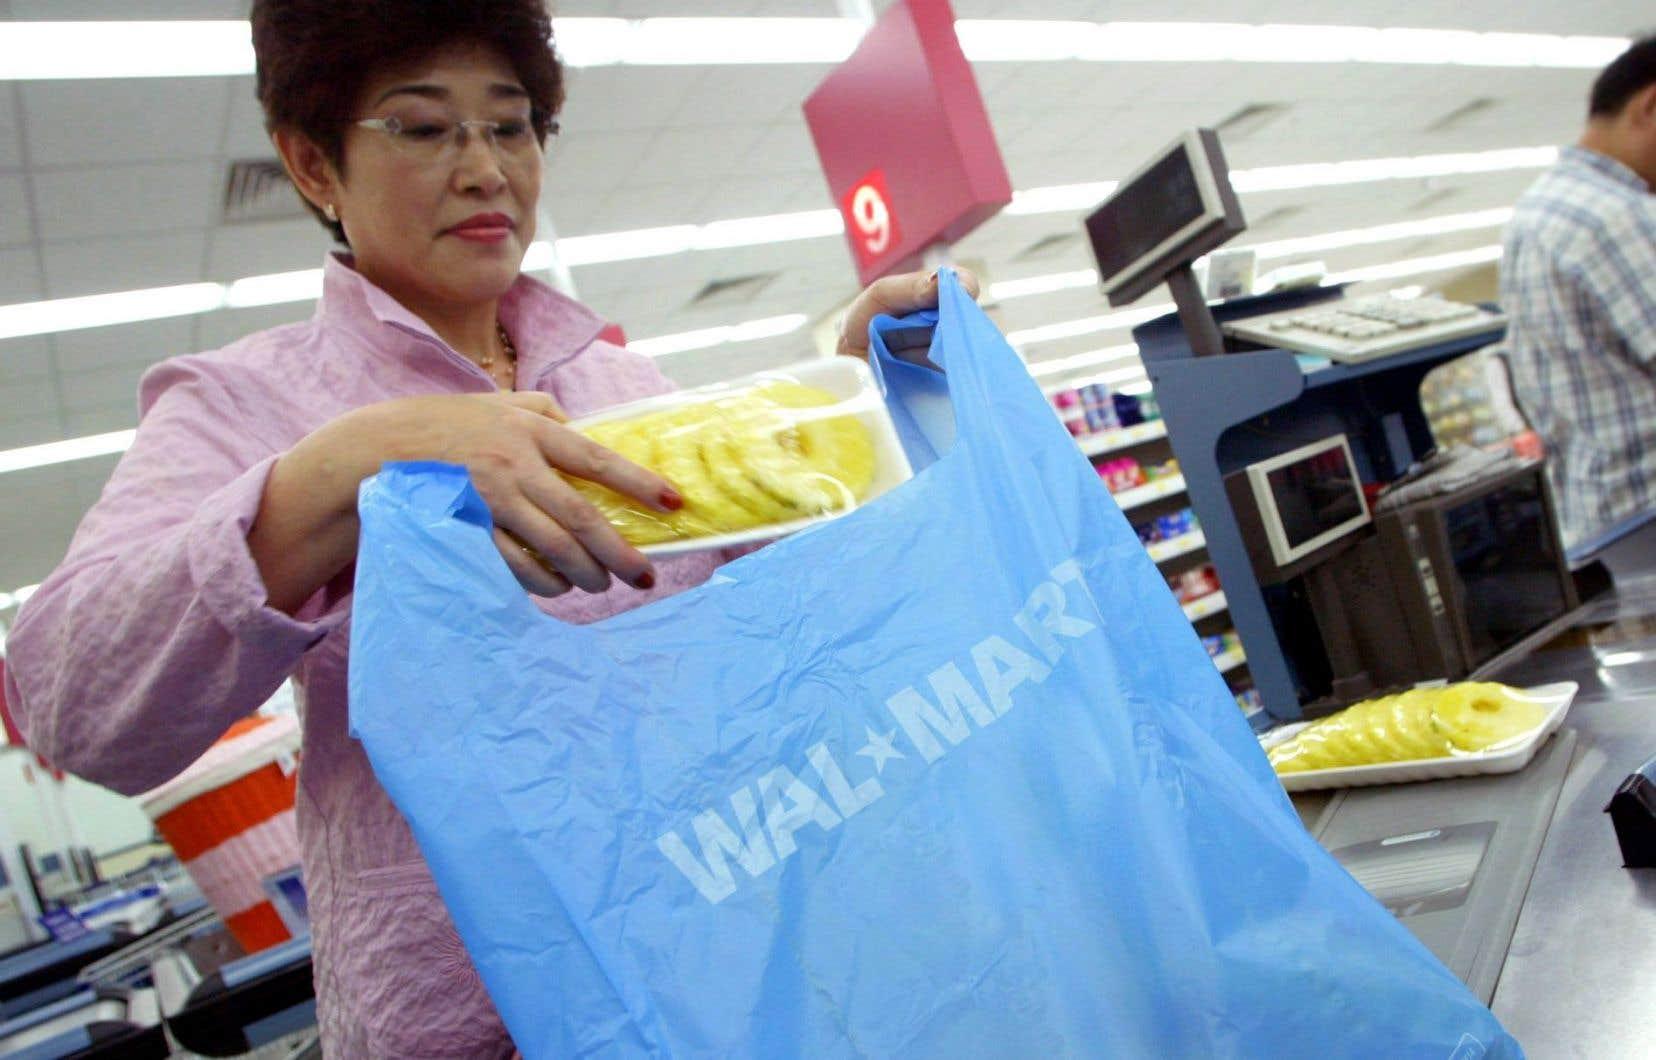 Chaque année, 500 milliards de sacs de plastique à usage unique sont distribués dans le monde.